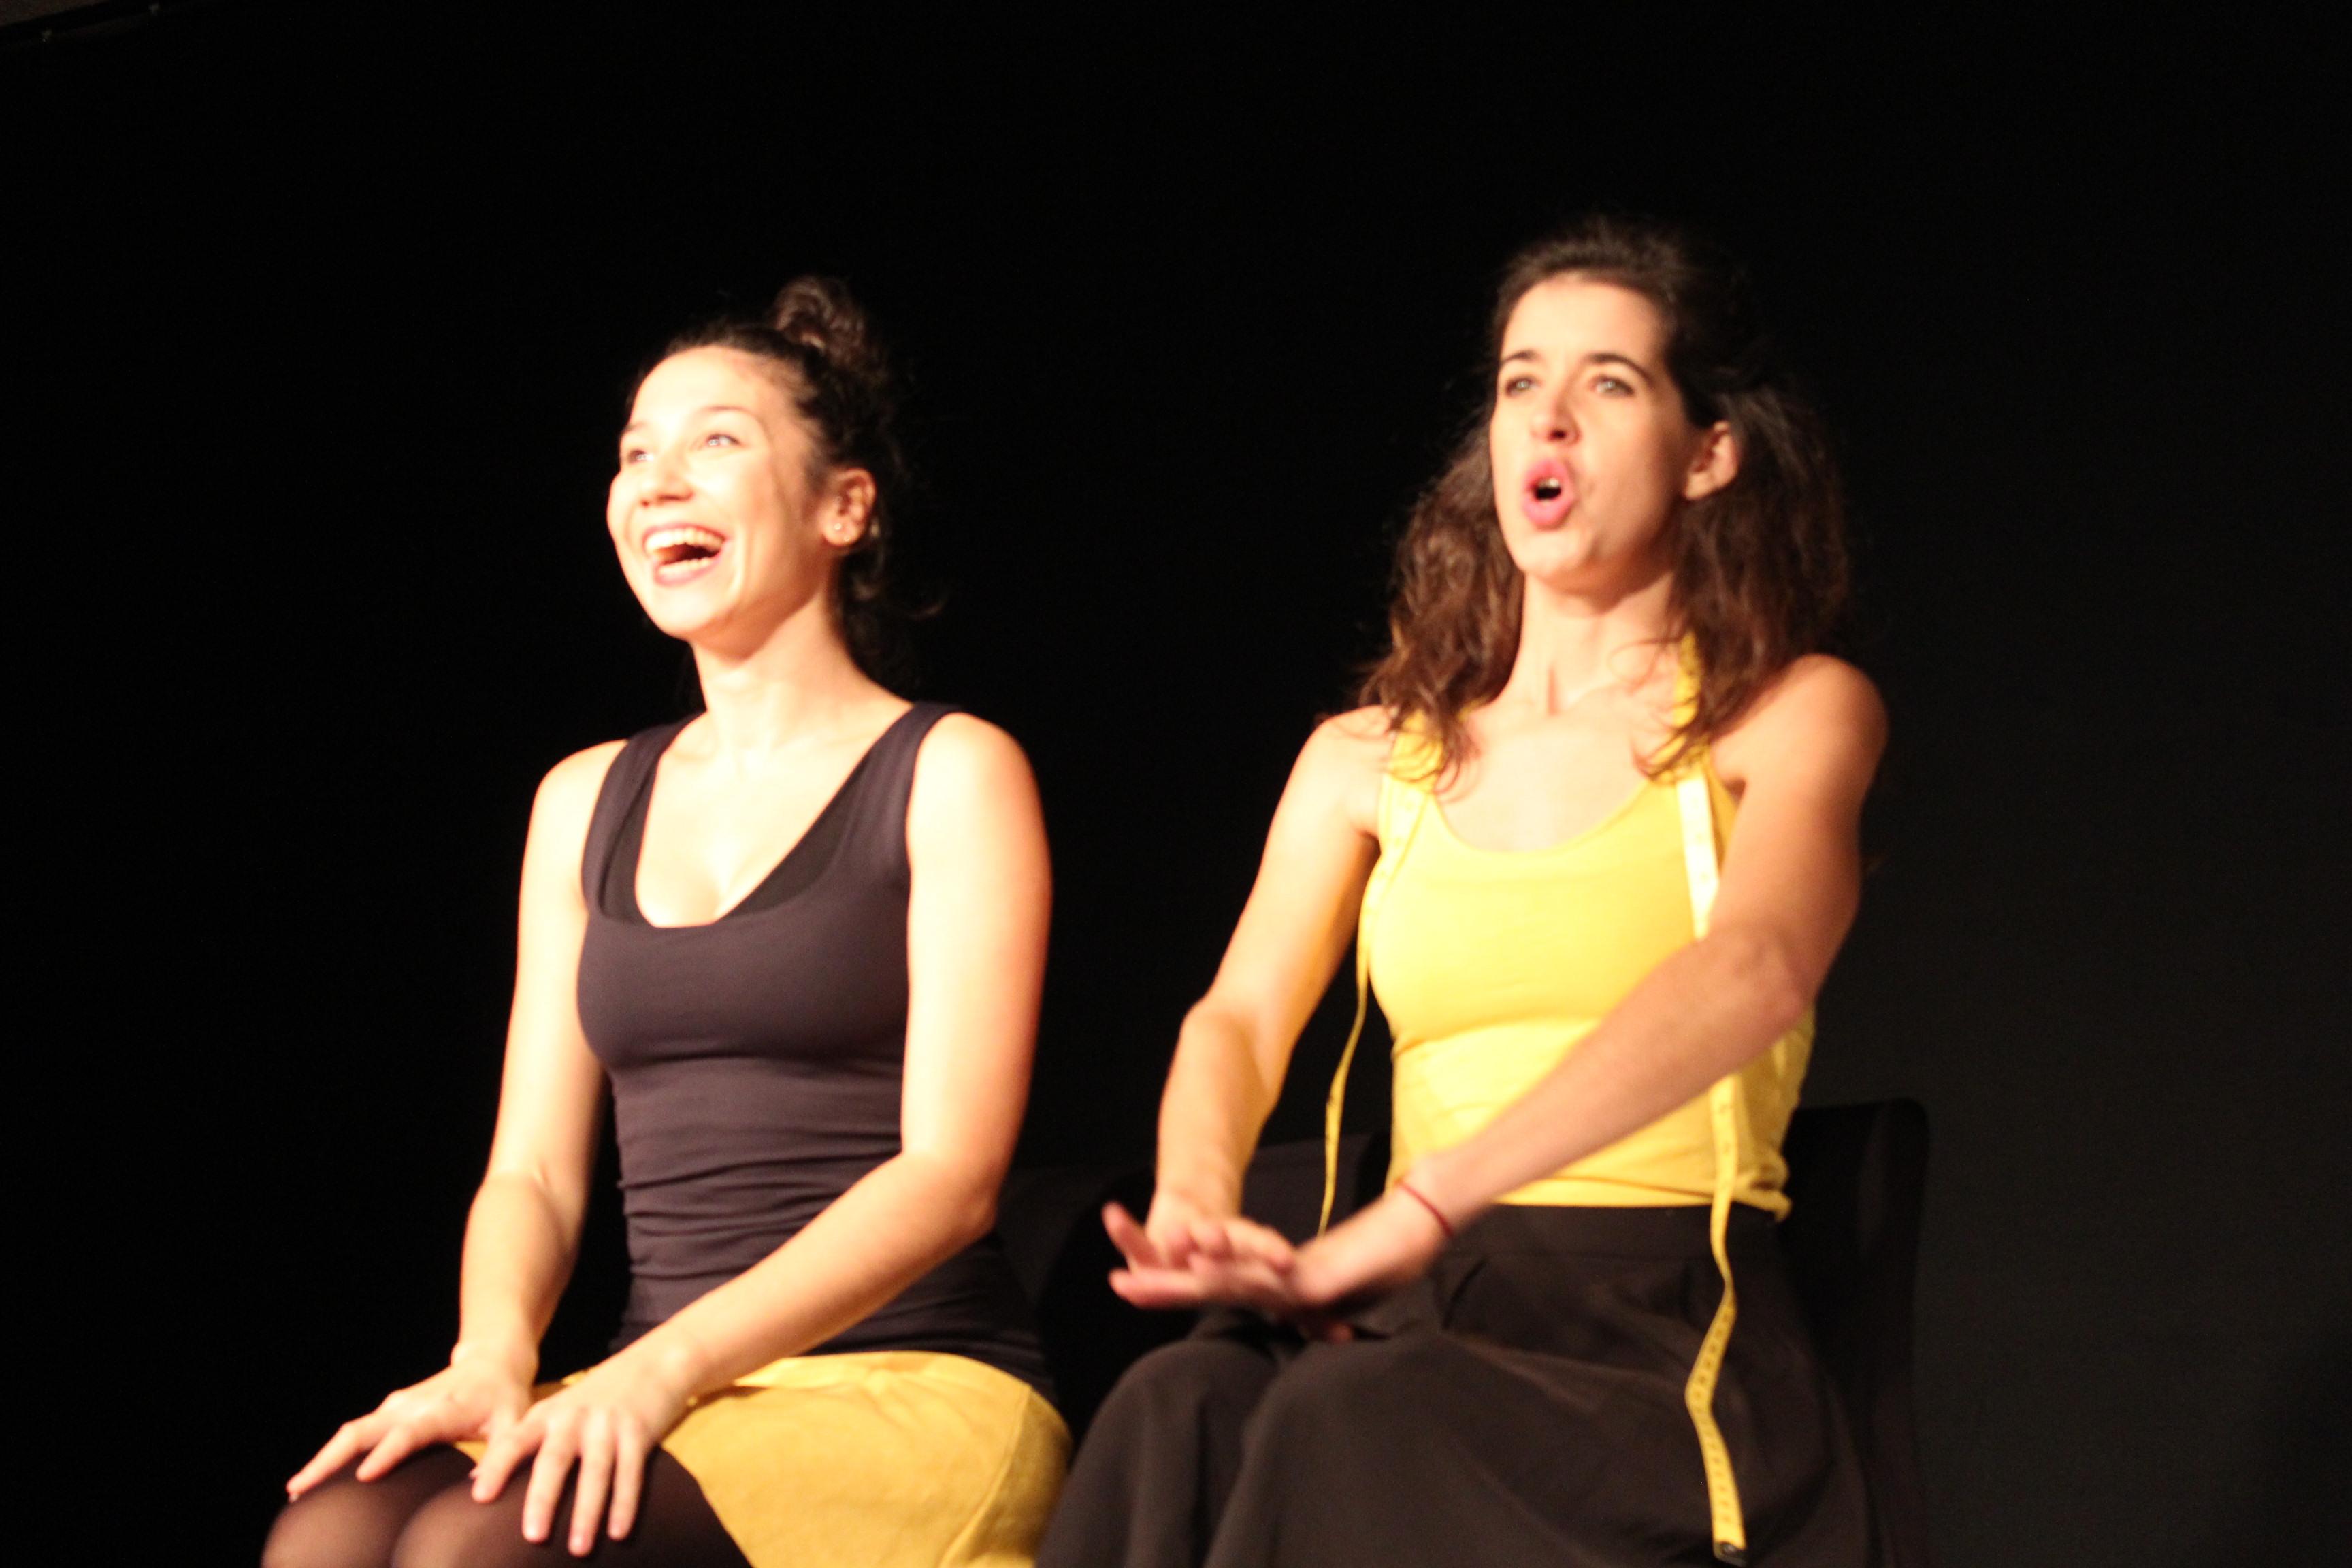 el Centre Moral d'Arenys de Munt dins el Cicle Insòlits porta l'obra de teatre: La Mil•limetrada